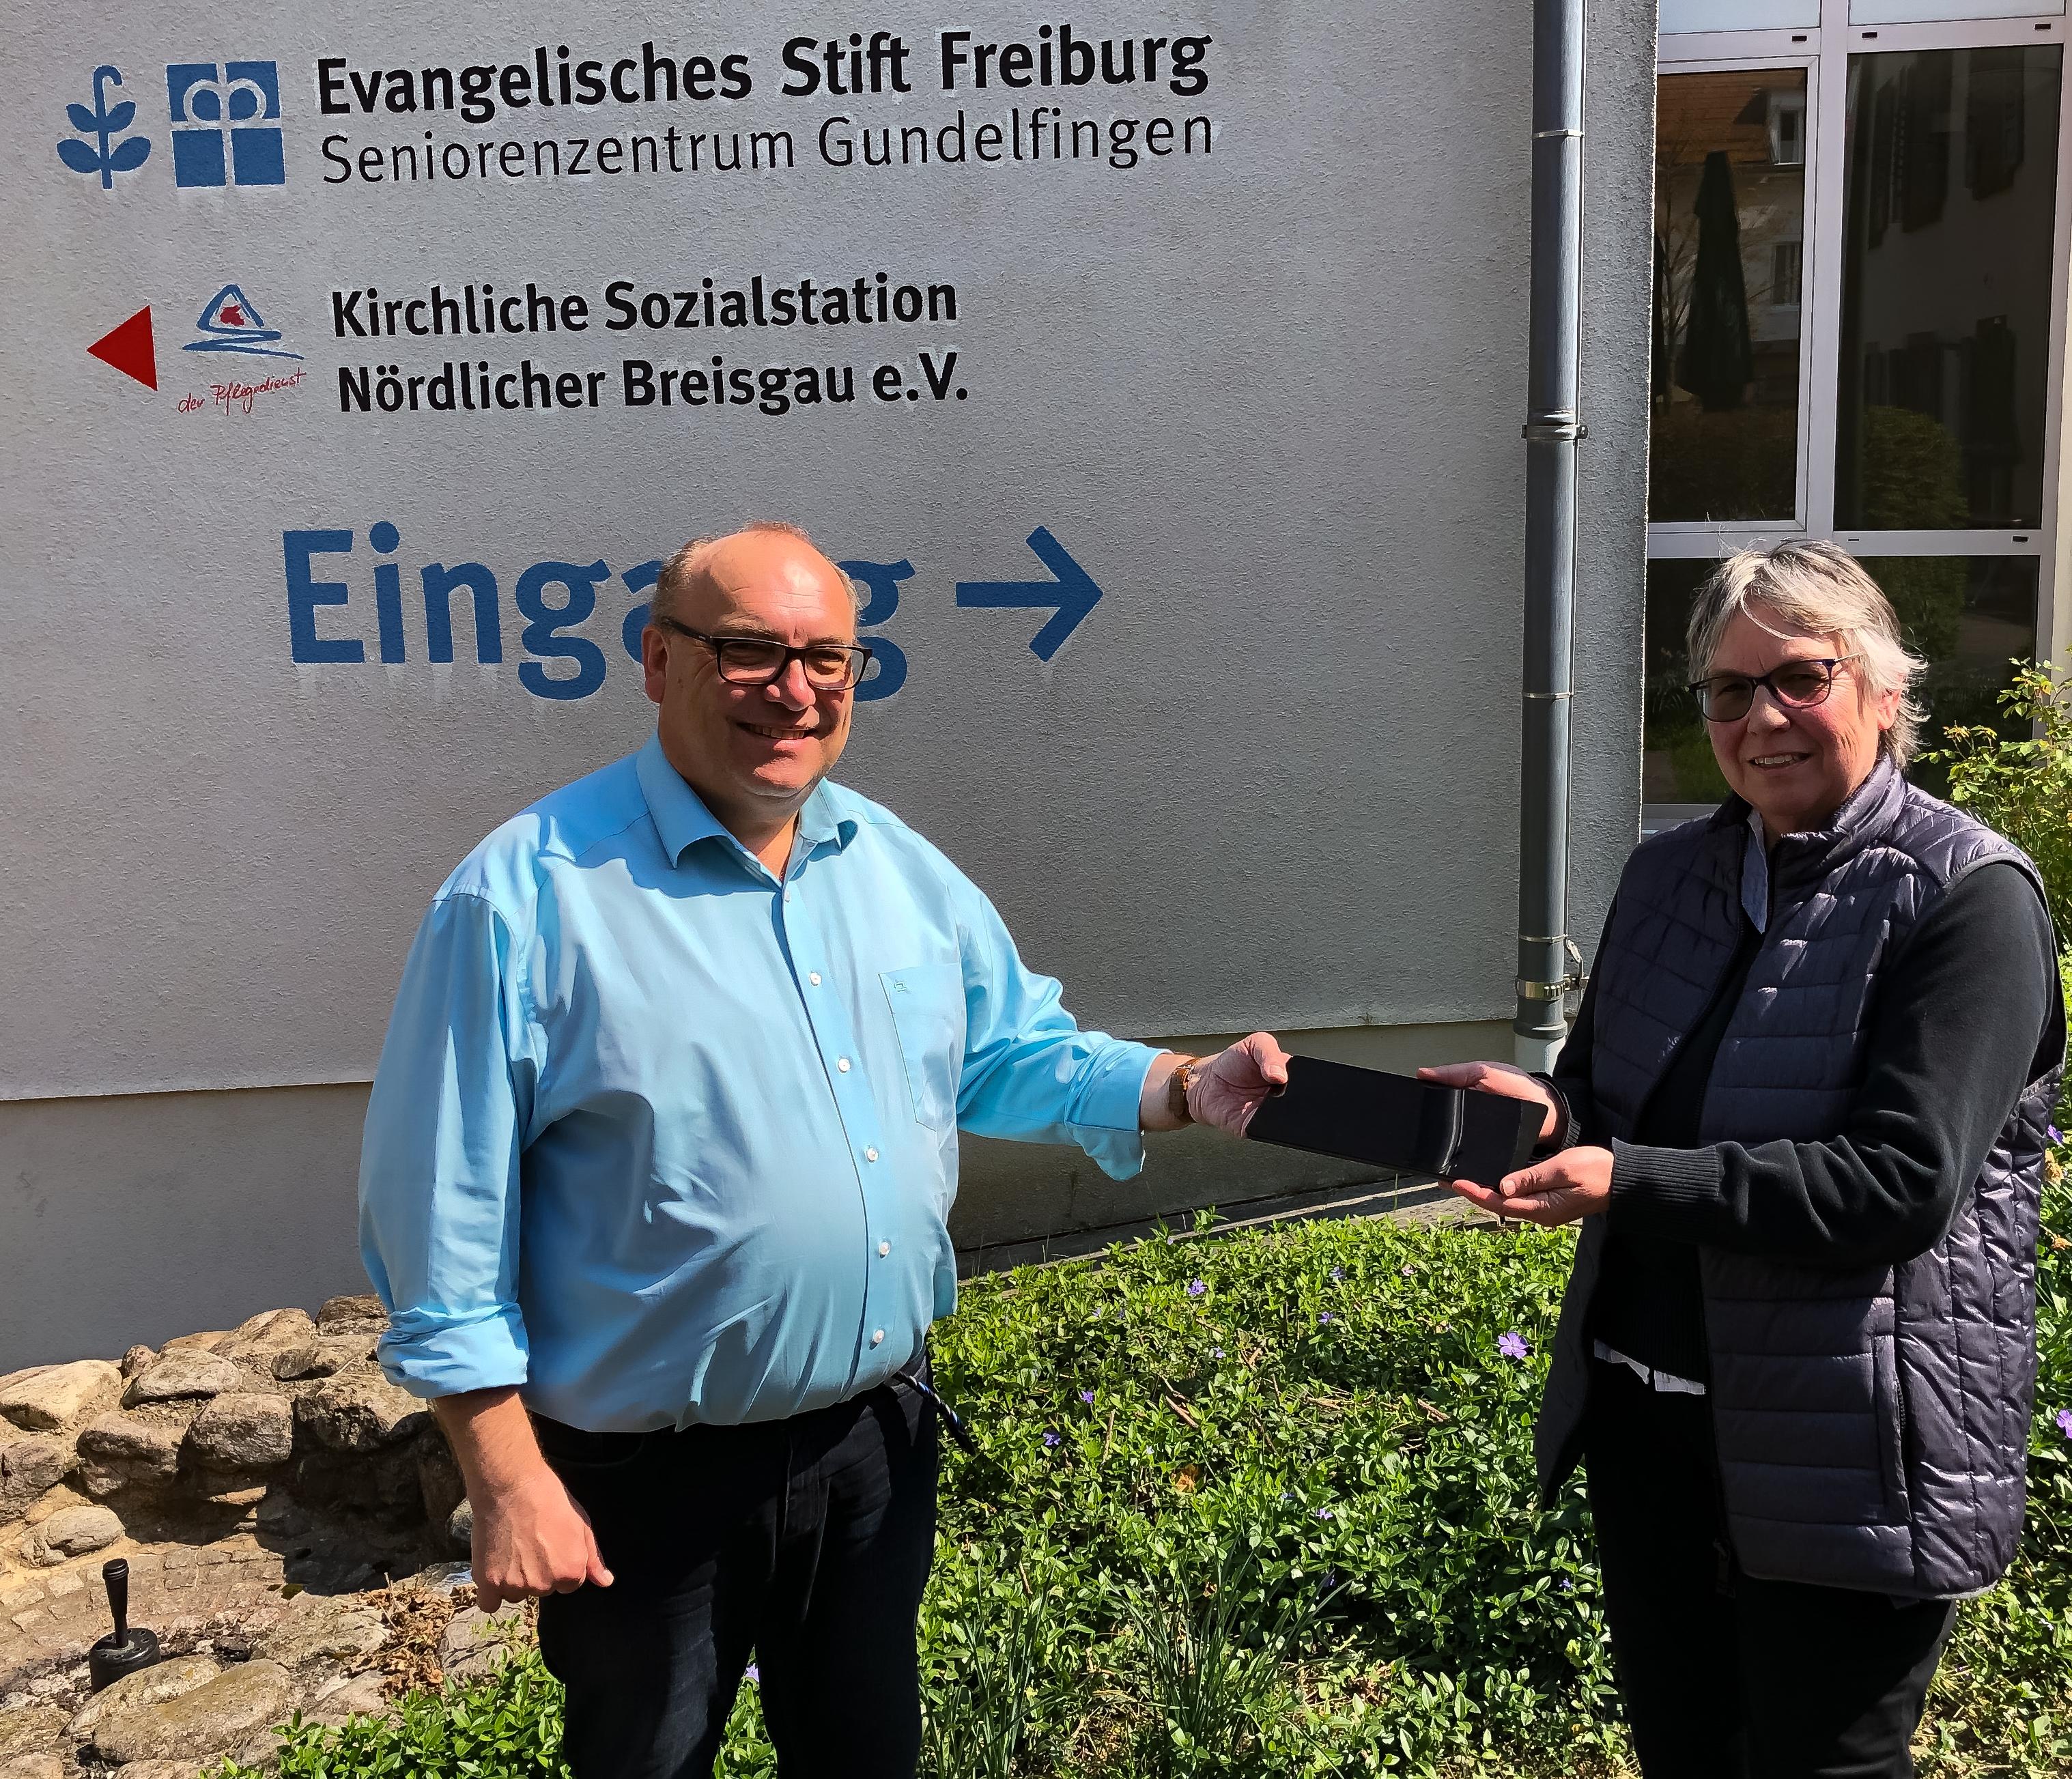 Übergabe des Tablets im Seniorenzentrum Gundelfingen: Pfarrerin Oehler (r.) überreichte das Tablet an Heimleiter Thomas Schellinger-Pusler (l.)